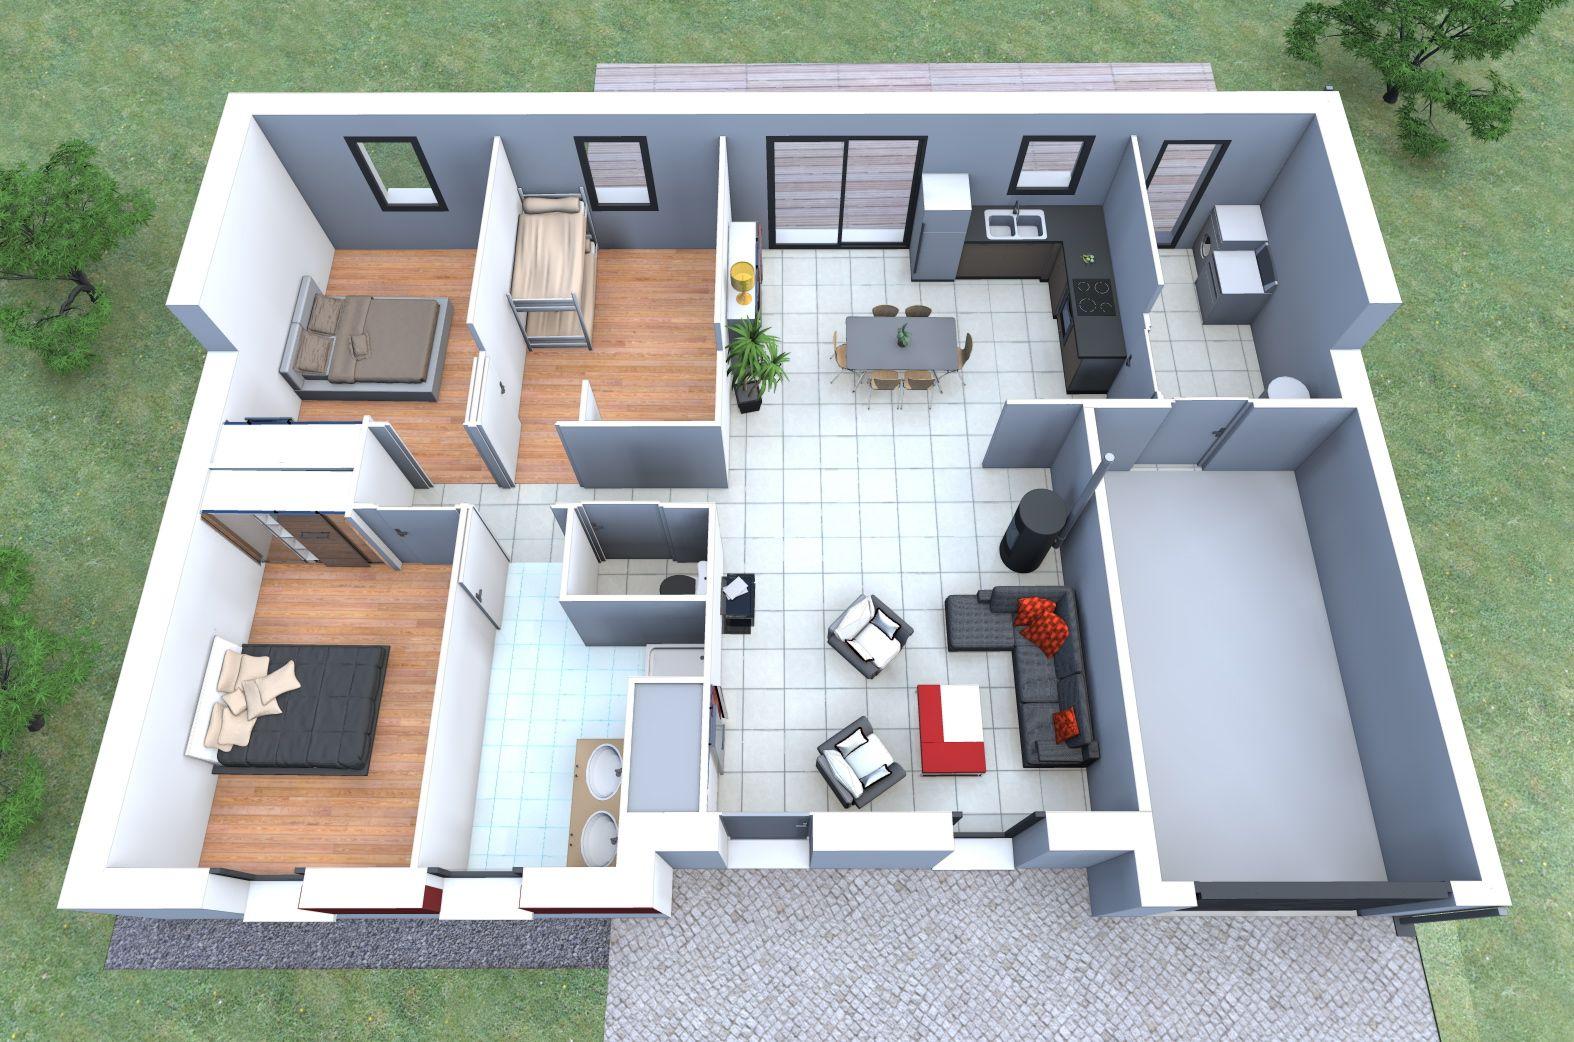 nous sommes constructeur de maison personnalisable et sur mesure tous nos modles de maison sont